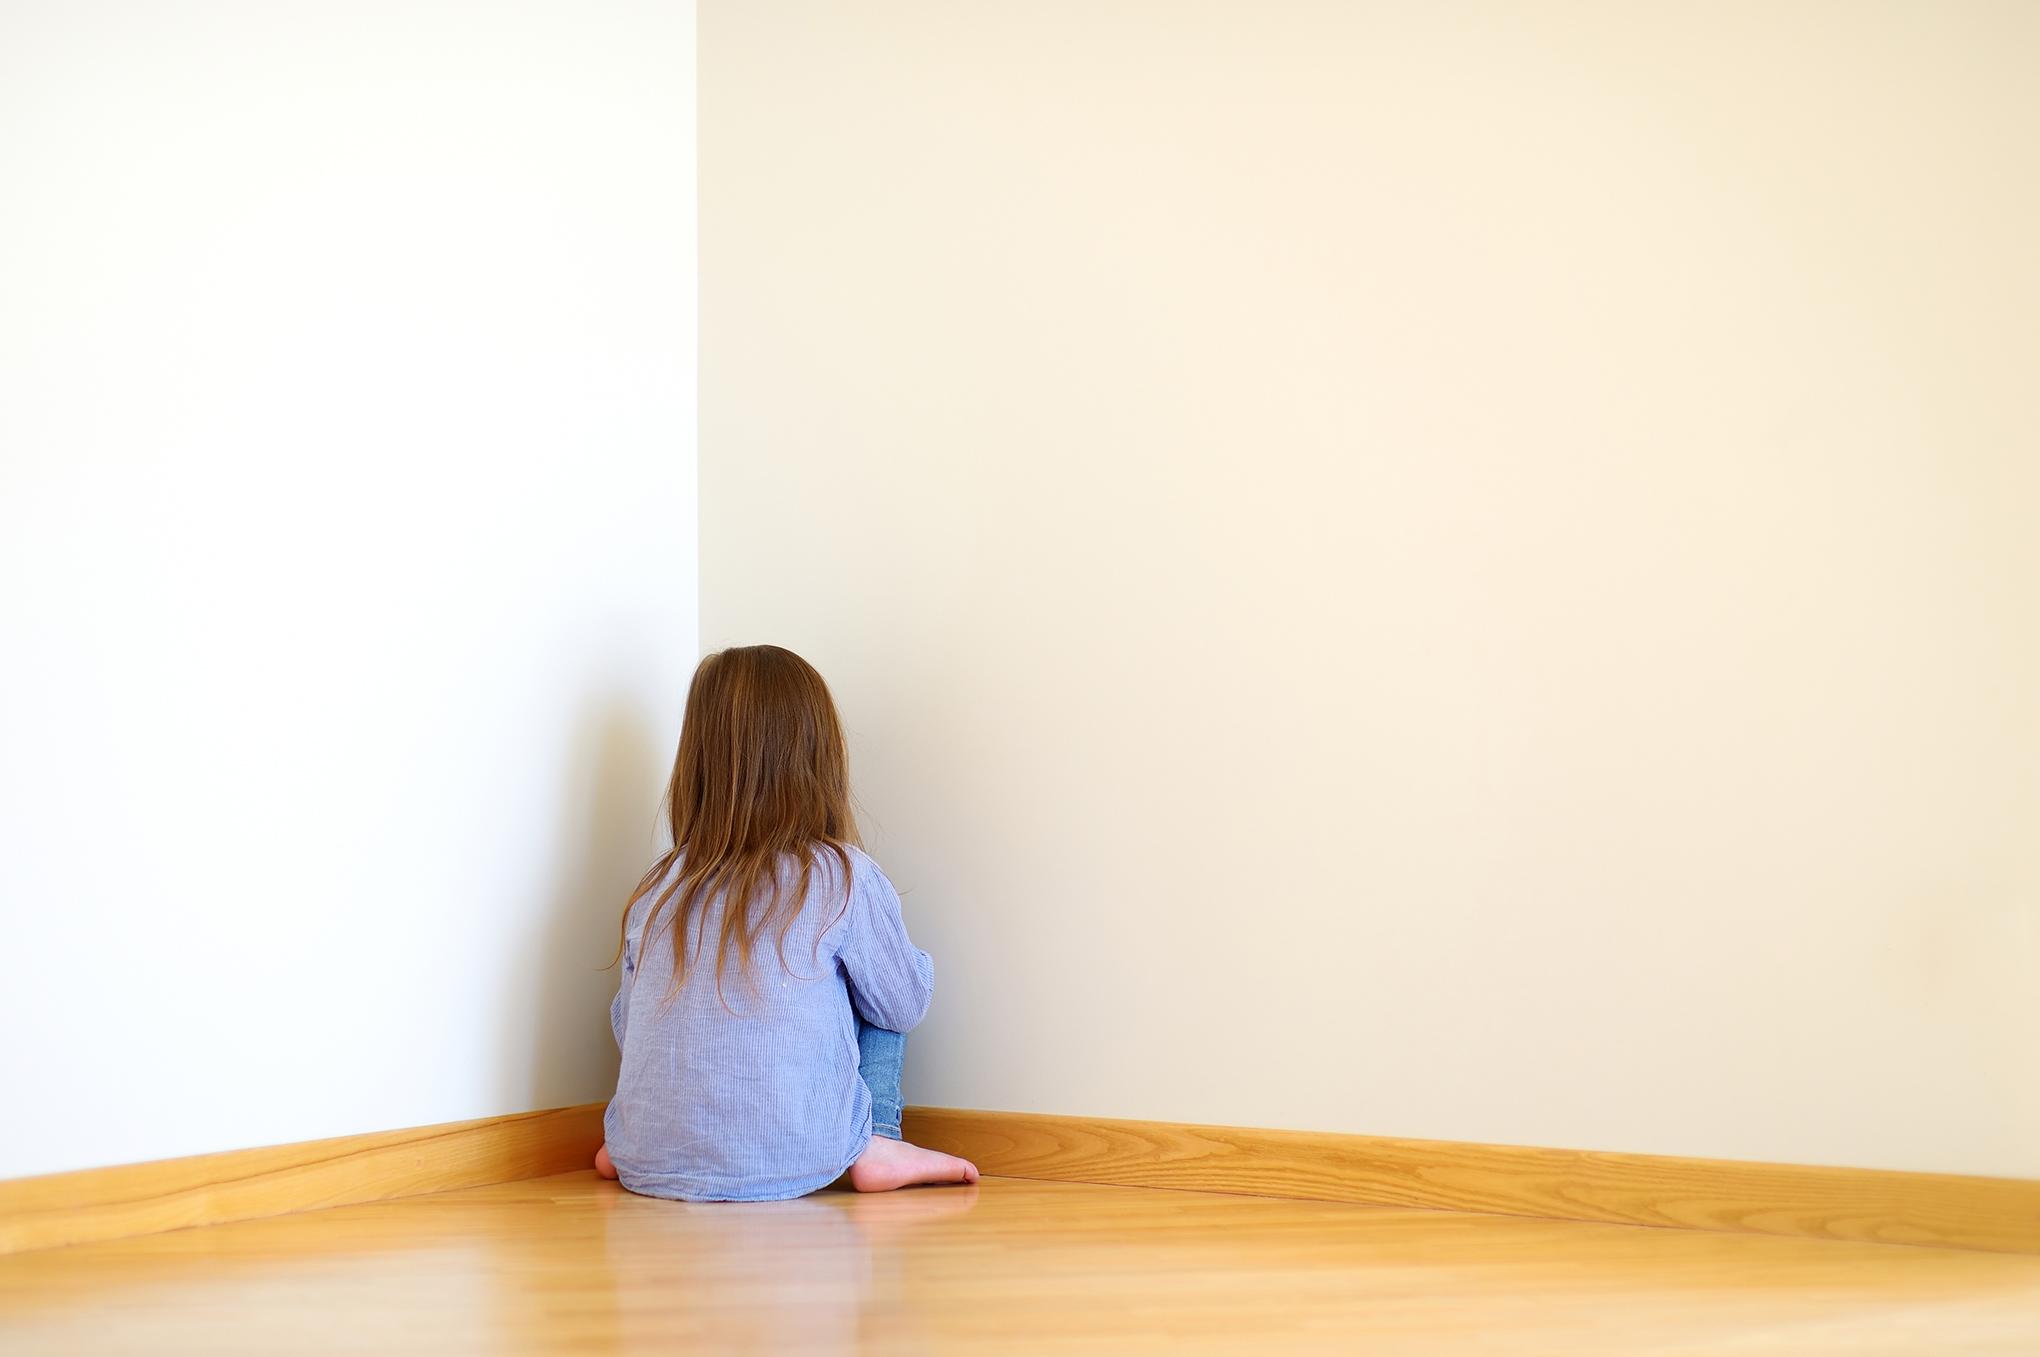 Lying child for punishment 3 Ways